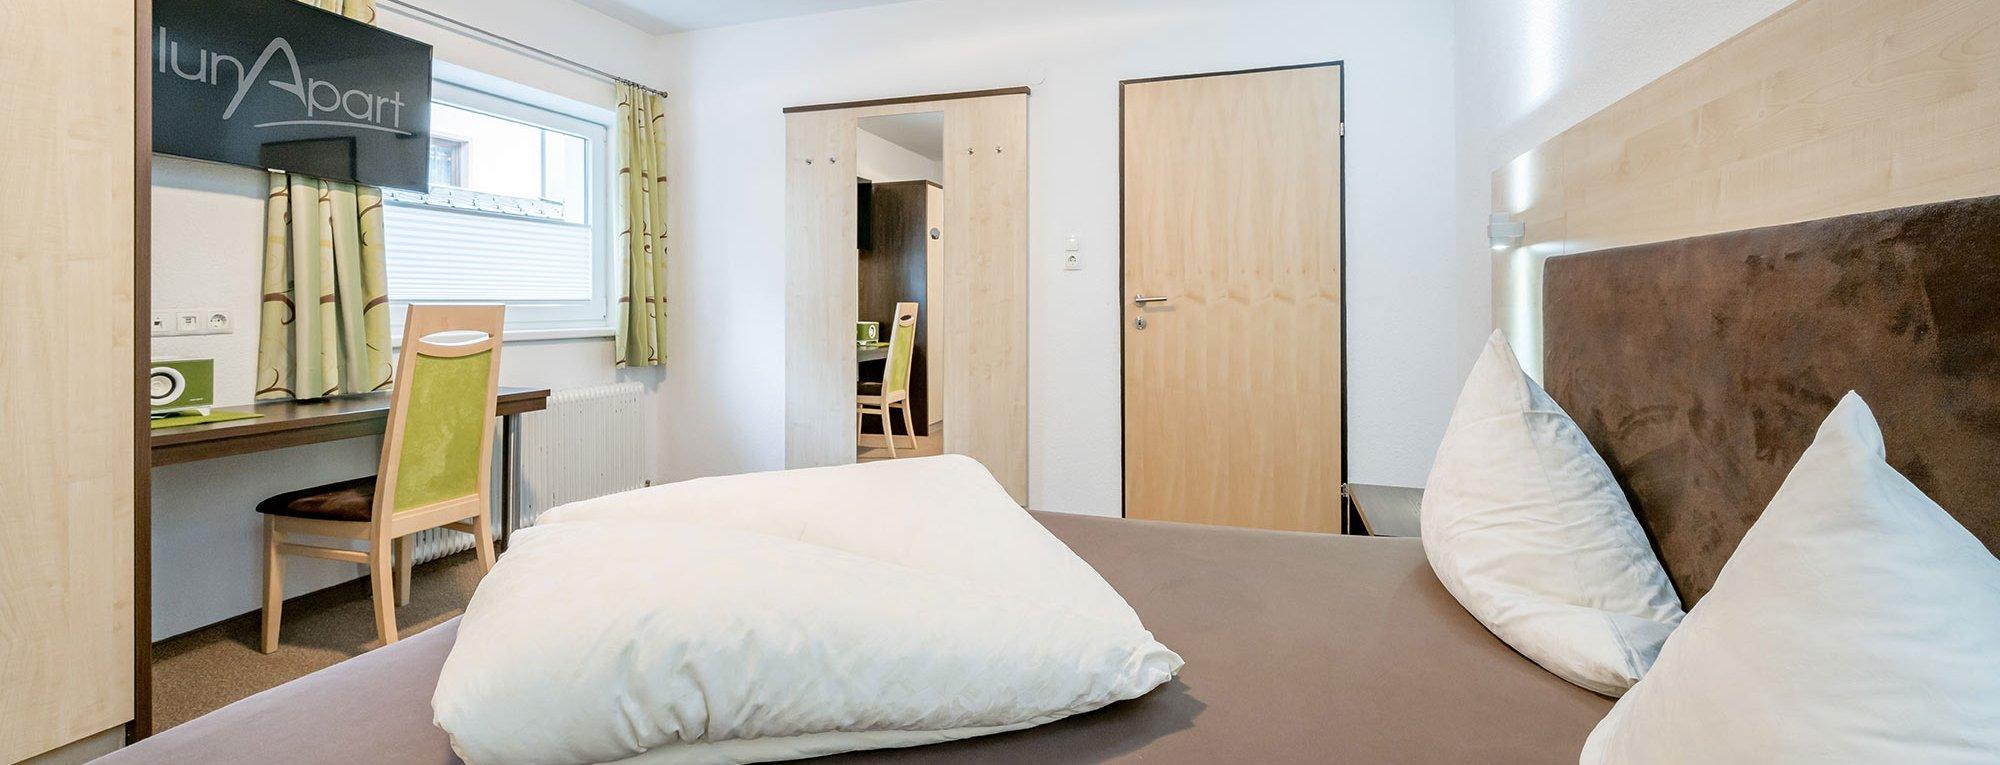 Apartment 1 at LunApart